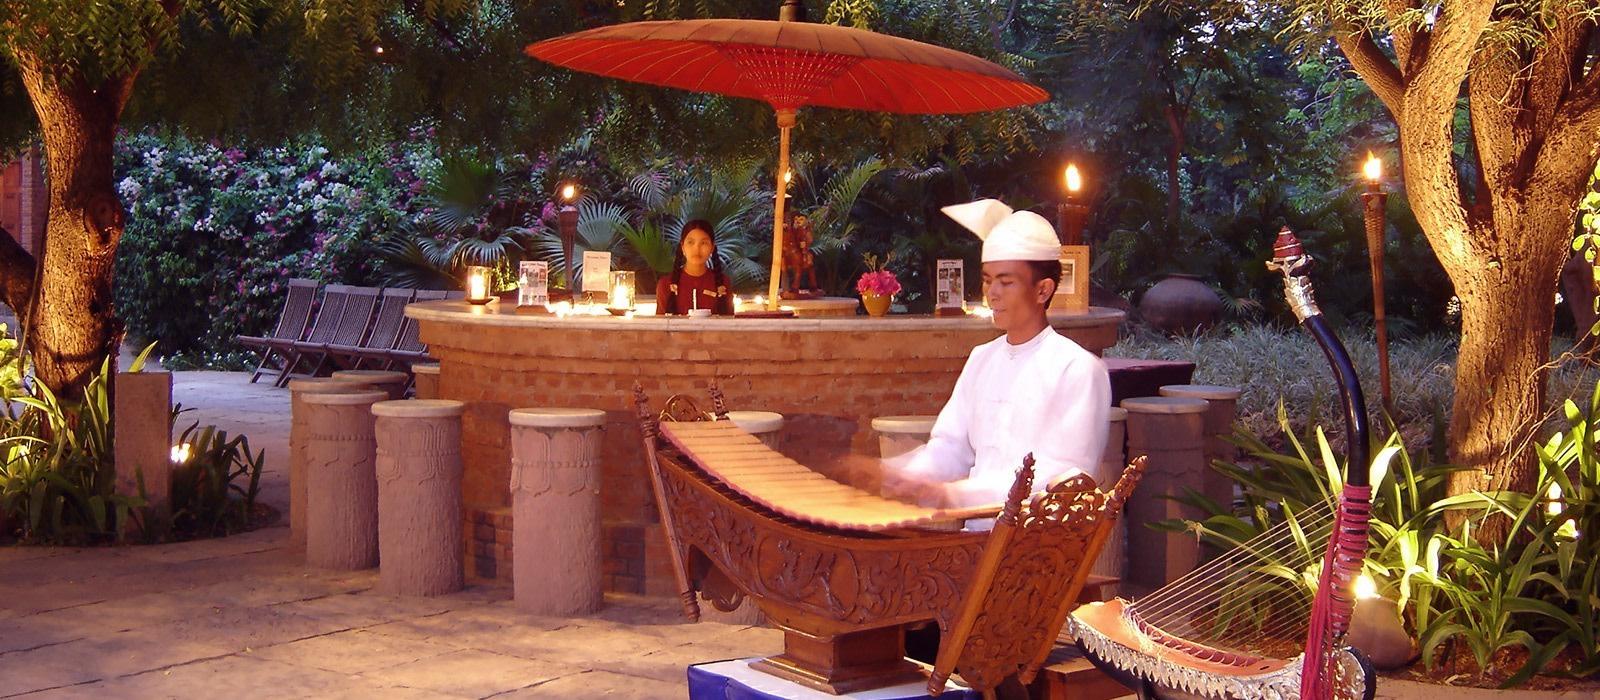 Hotel Tharabar Gate Myanmar